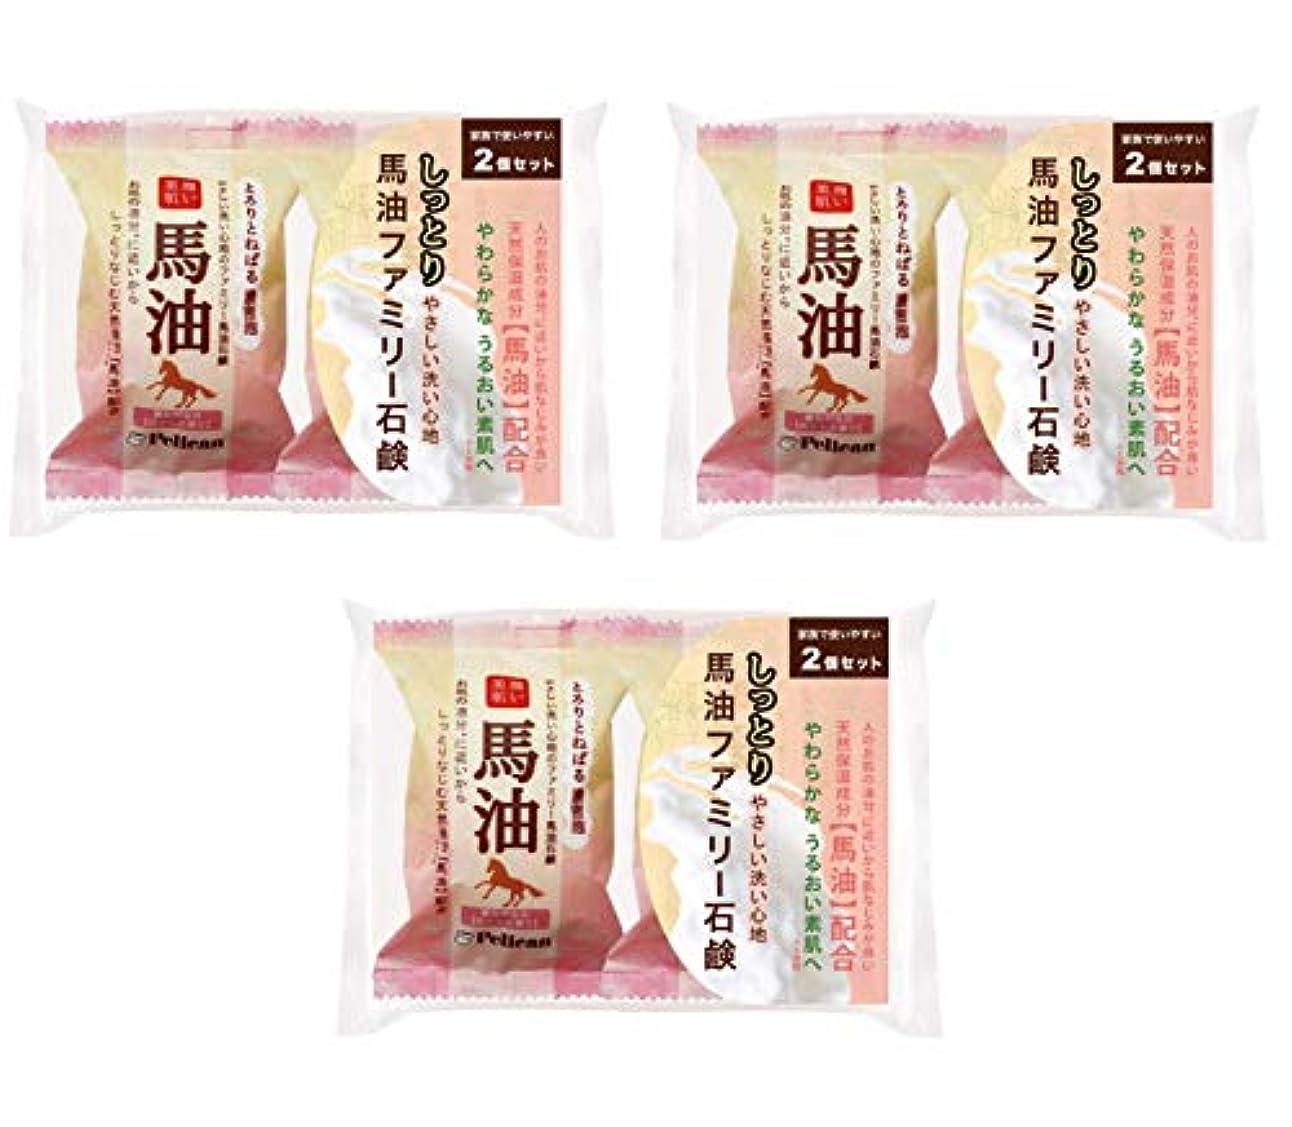 レスリング矛盾作曲する【まとめ買い】ペリカン石鹸 ファミリー 馬油石鹸 2P ×3個セット